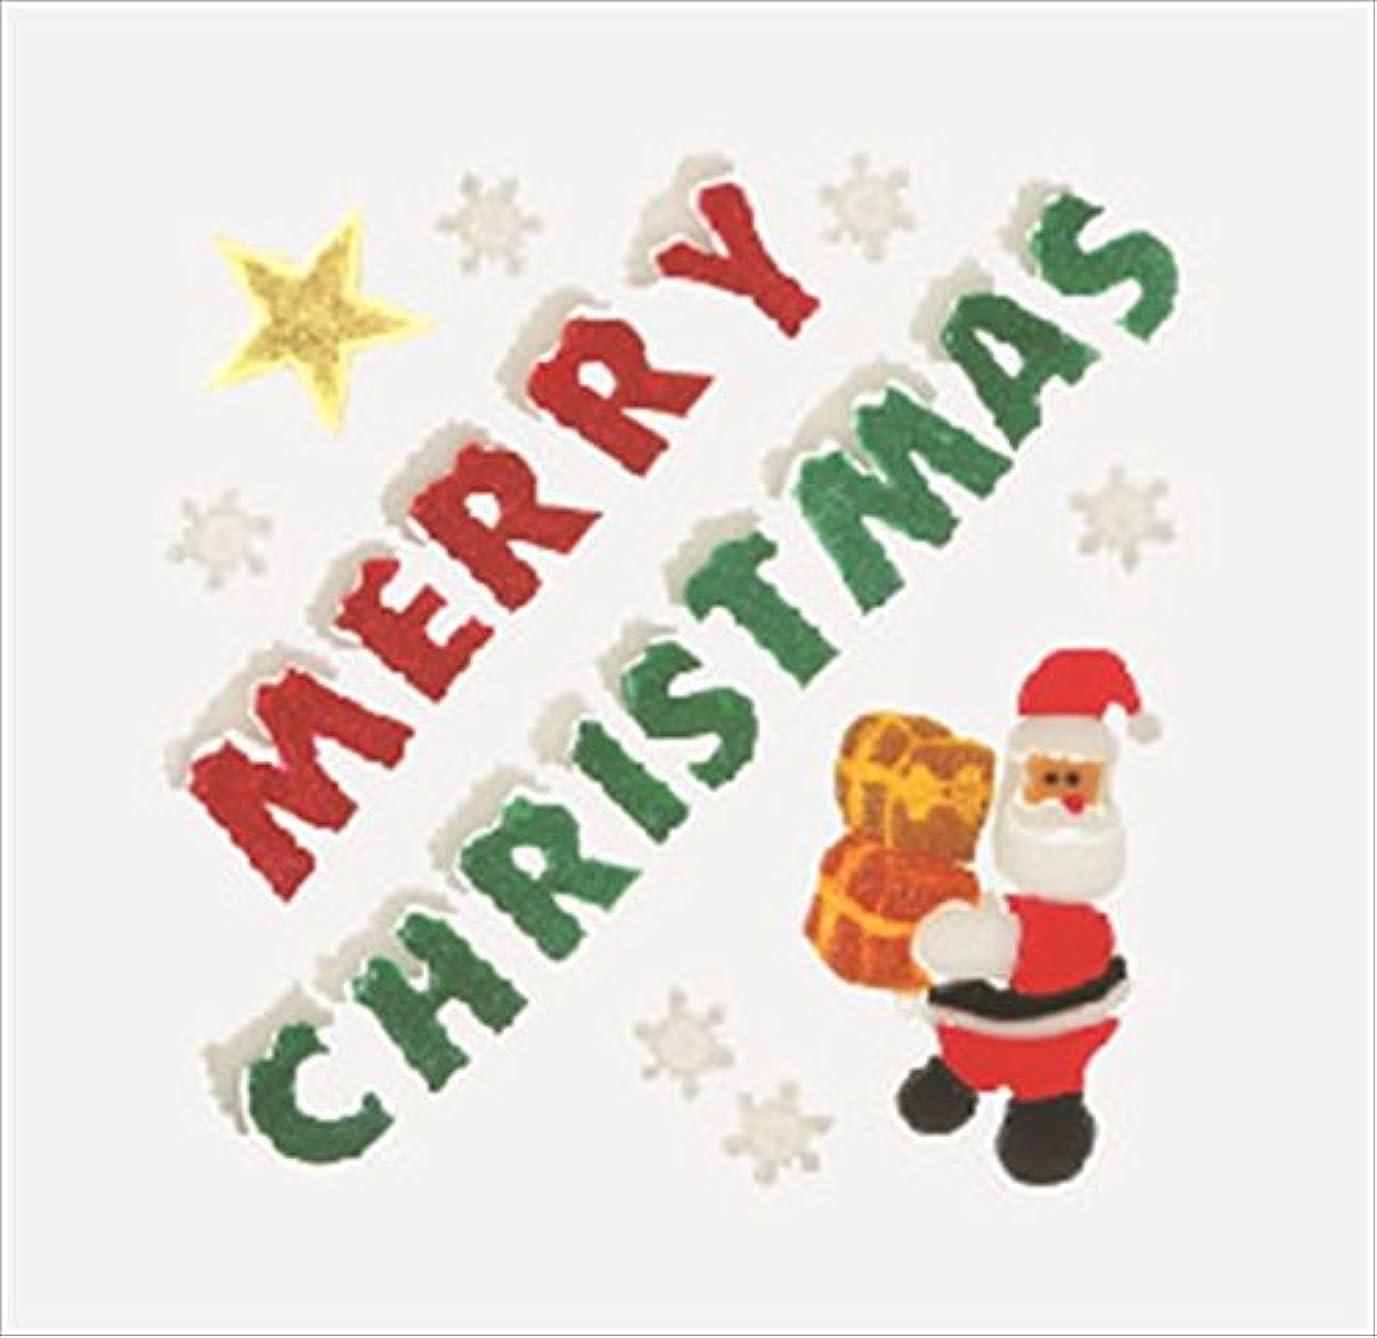 余計な発行クラッシュジェルジェム(GelGems) ジェルジェムバッグL 「 クリスマスサンタ 」